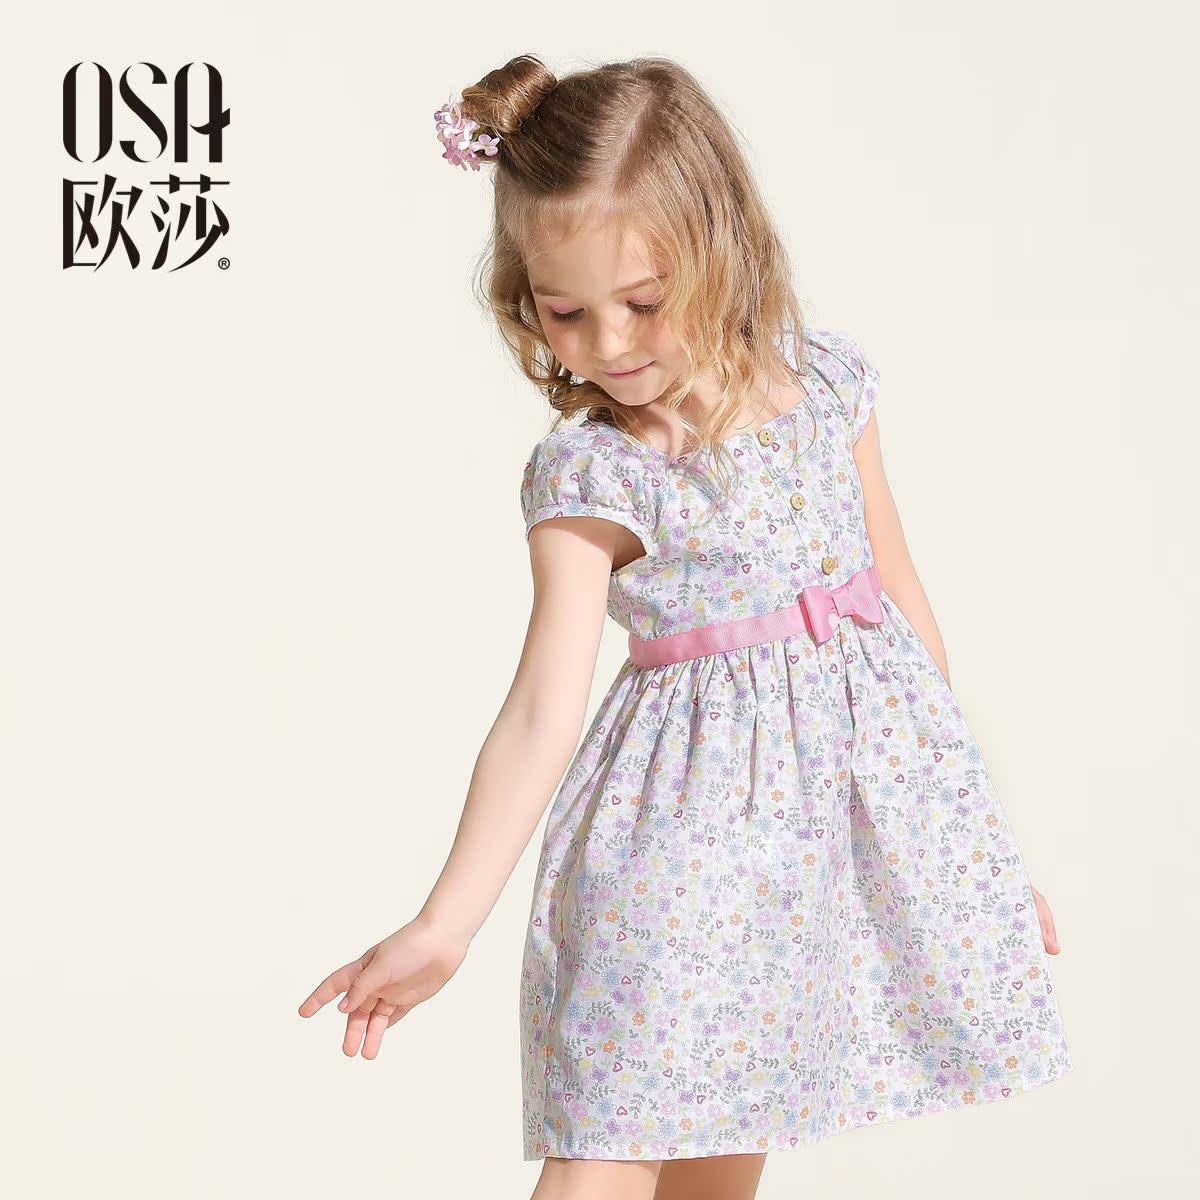 歐莎粉色碎花女童連衣裙